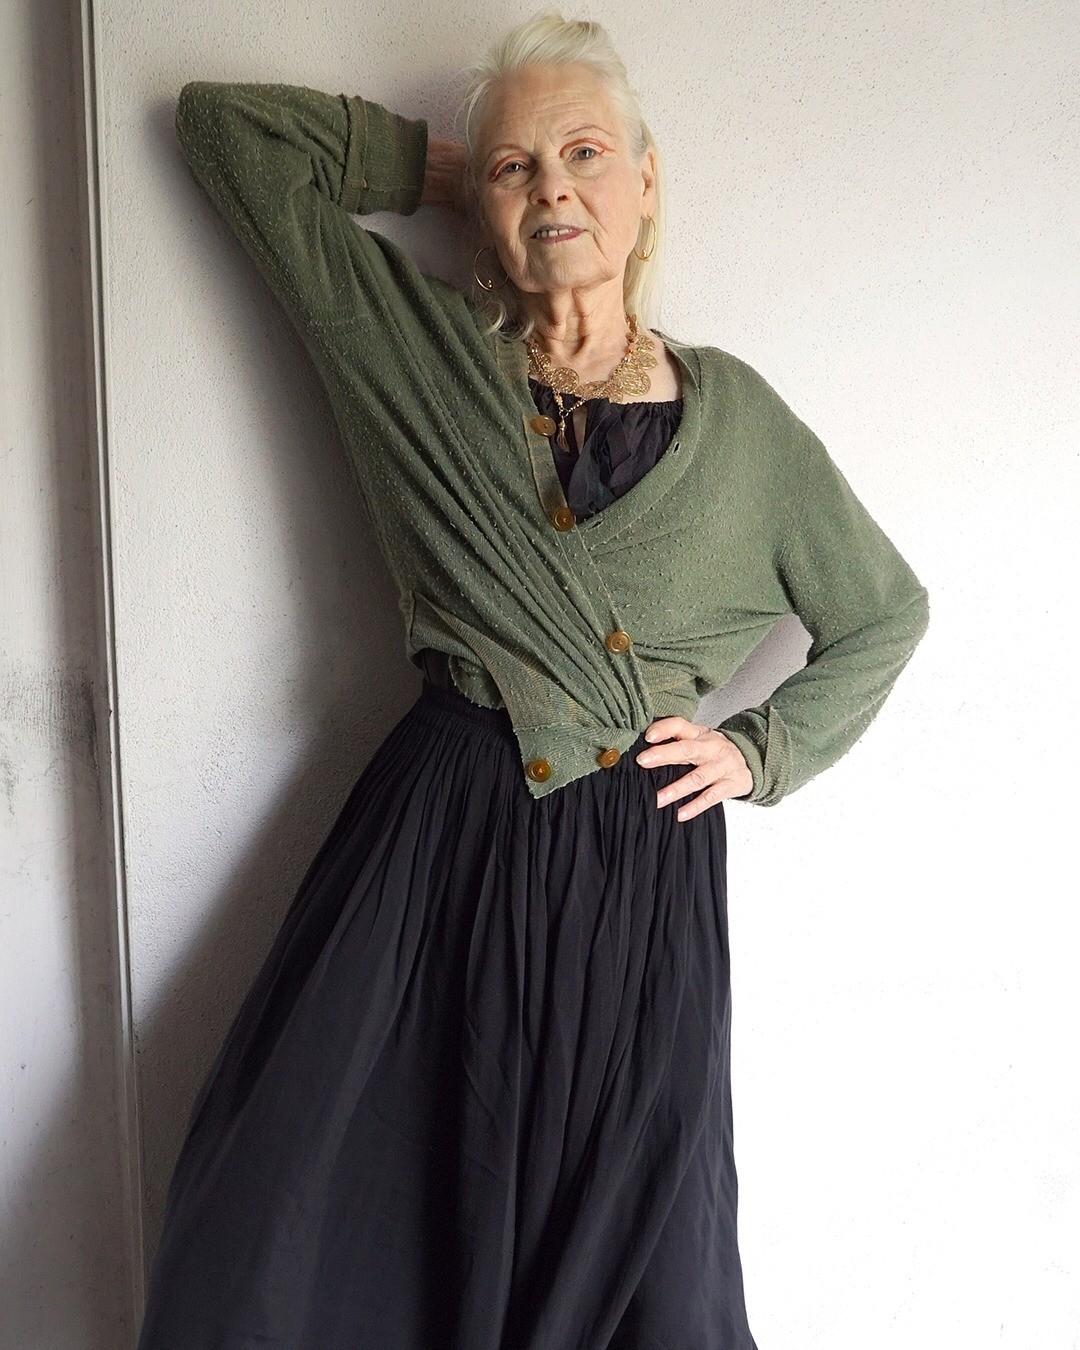 1. В 17 лет Вивьен Вествуд поступает в художественную школу «Харроу» в Лондоне, однако ушла из нее после первого семестра. Прежде чем открыть свой первый магазин, Вествуд работала на фаб...